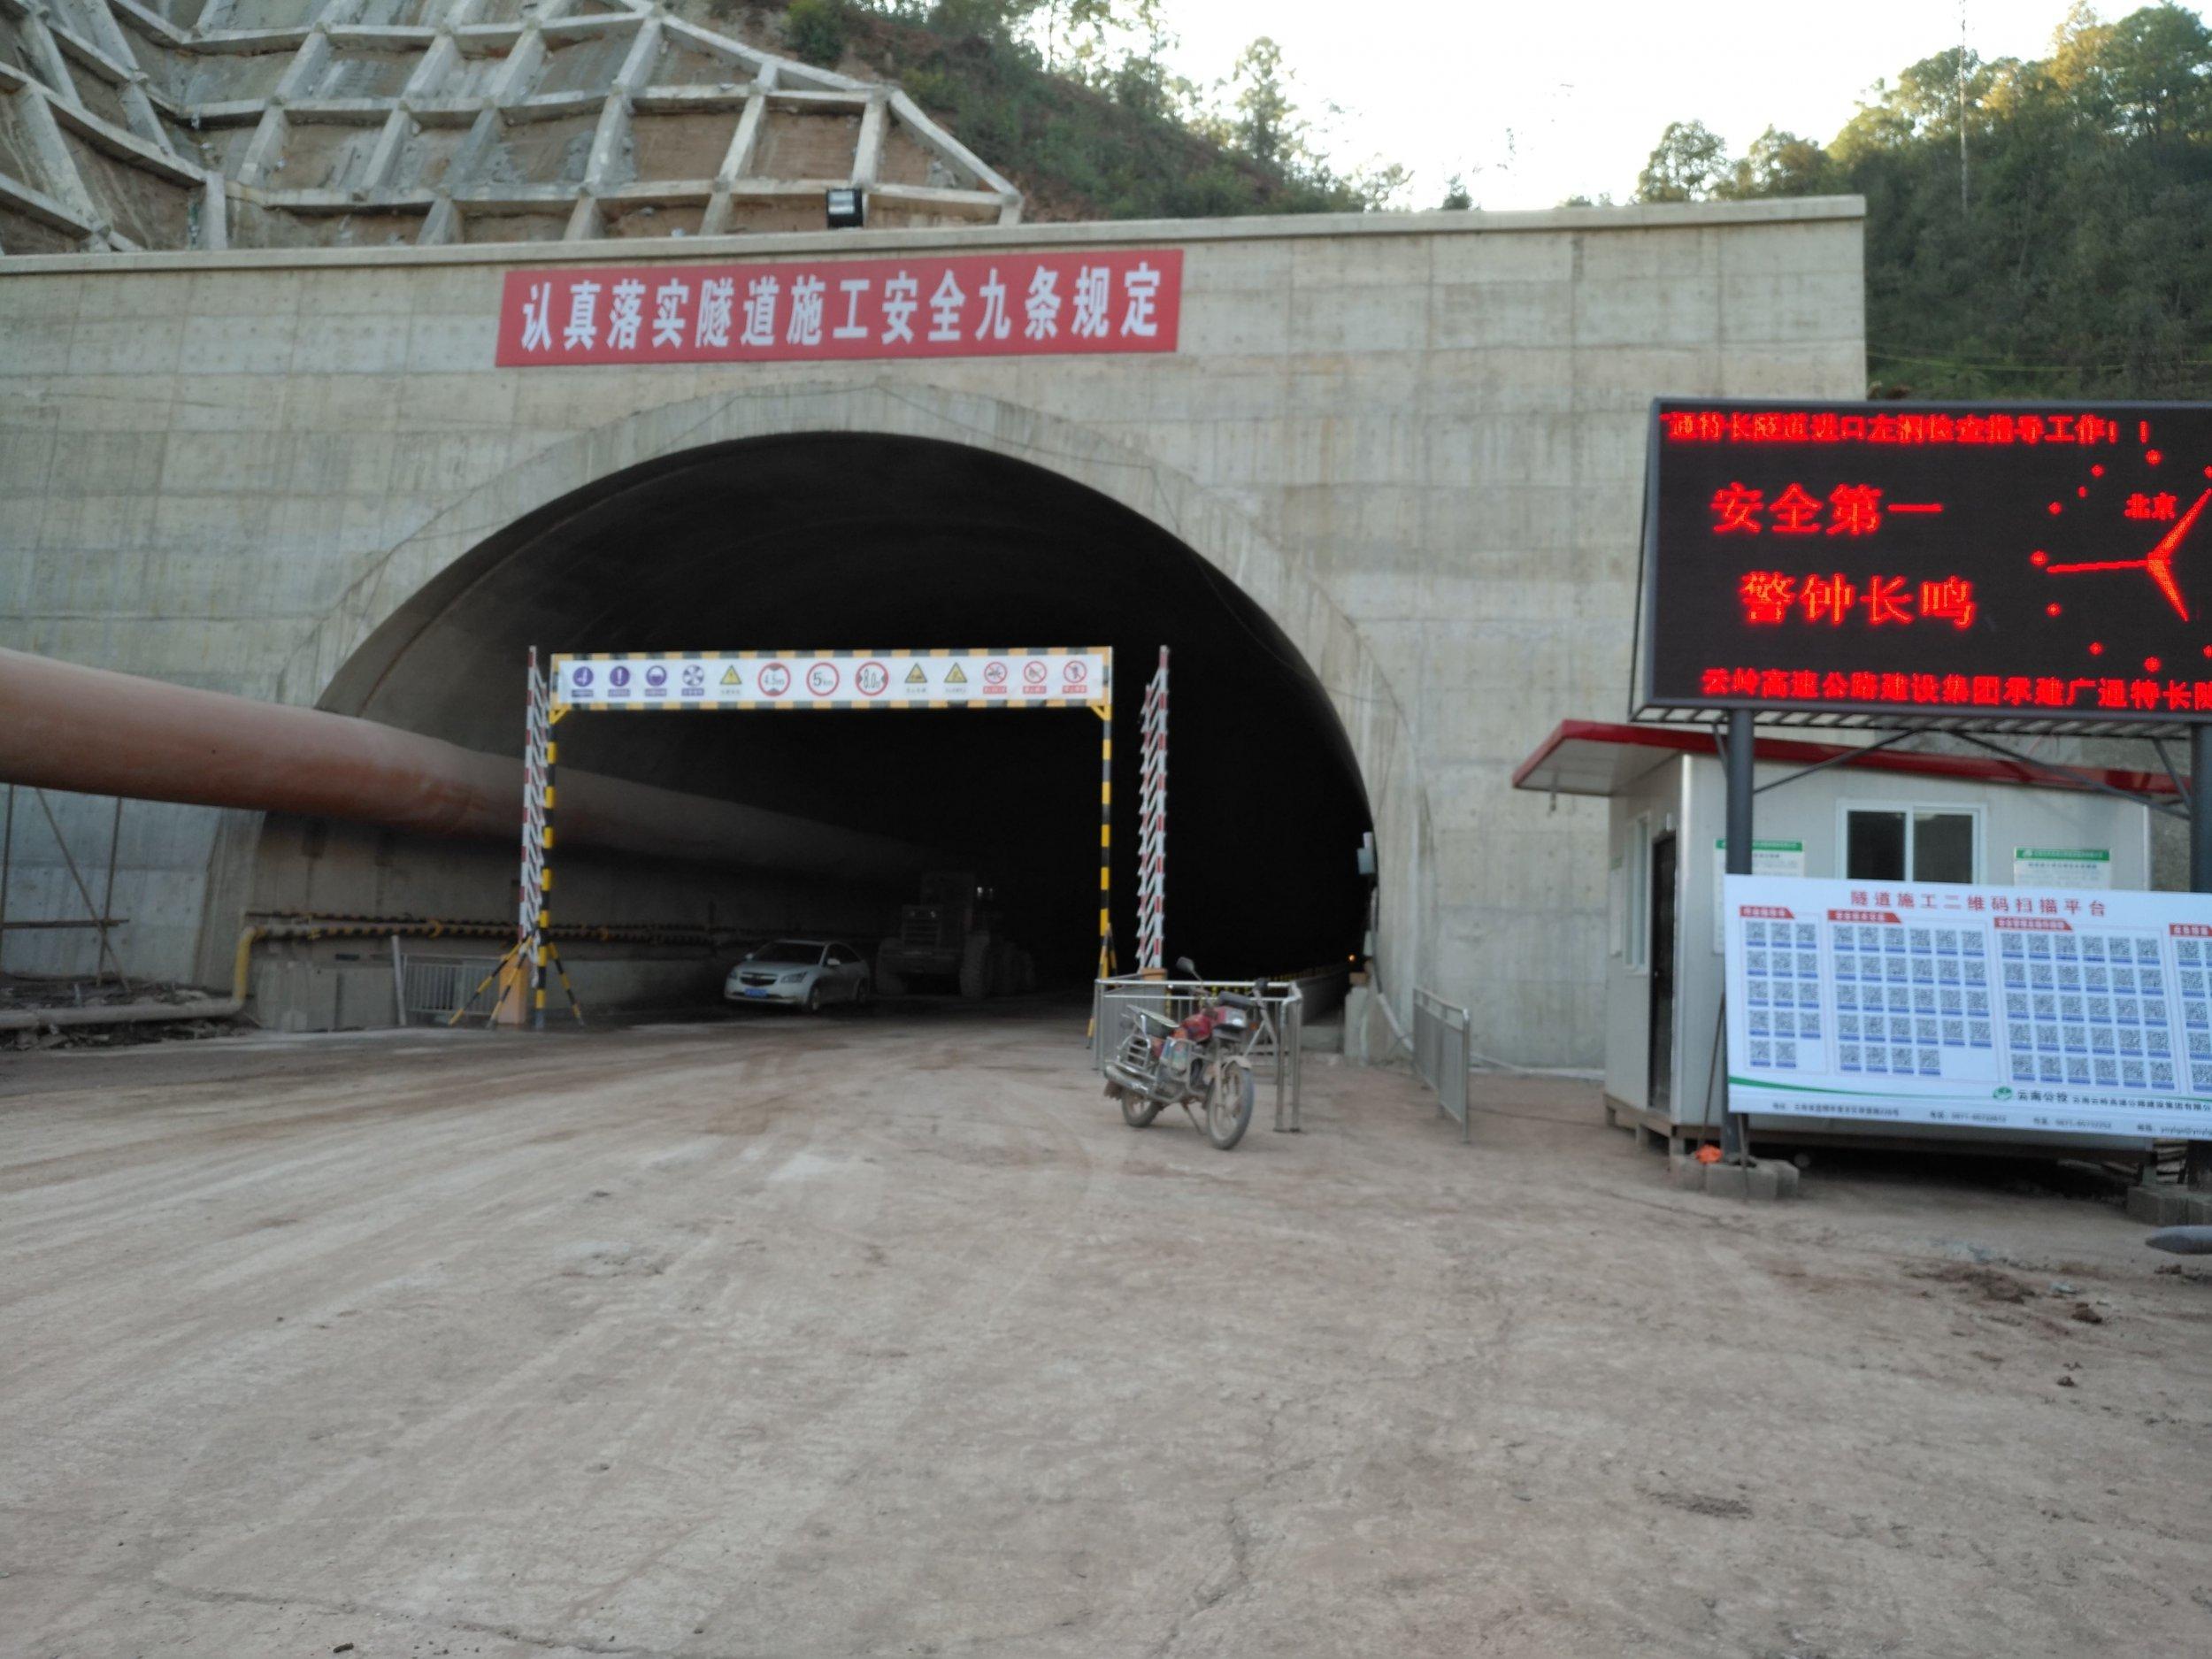 隧道工程安装电力电缆隧道综合监控系统的必要性